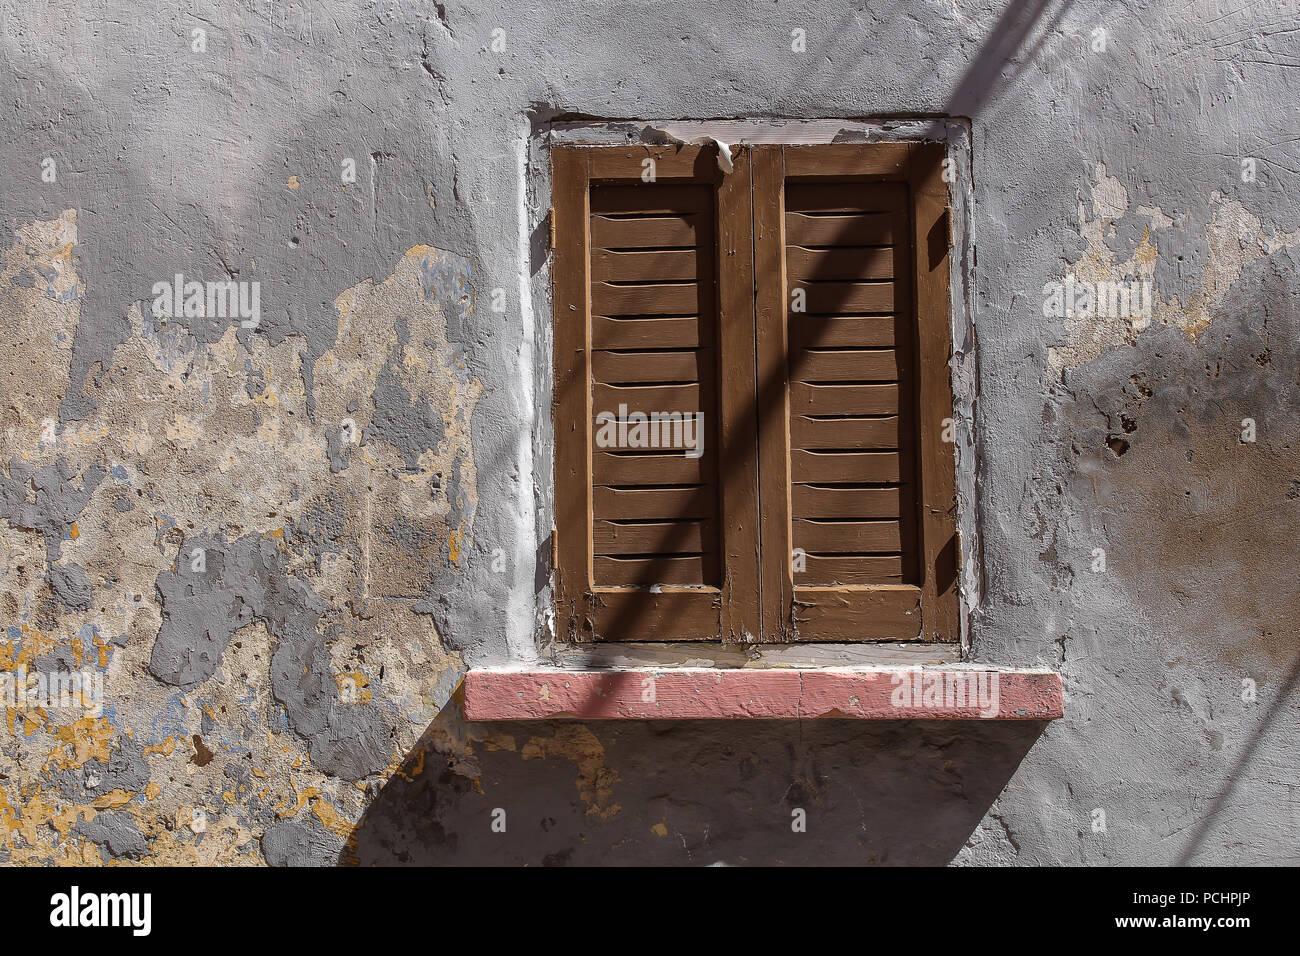 Graue Farbe Des Die Verwitterte Fassade Eines Hauses In El Jadida